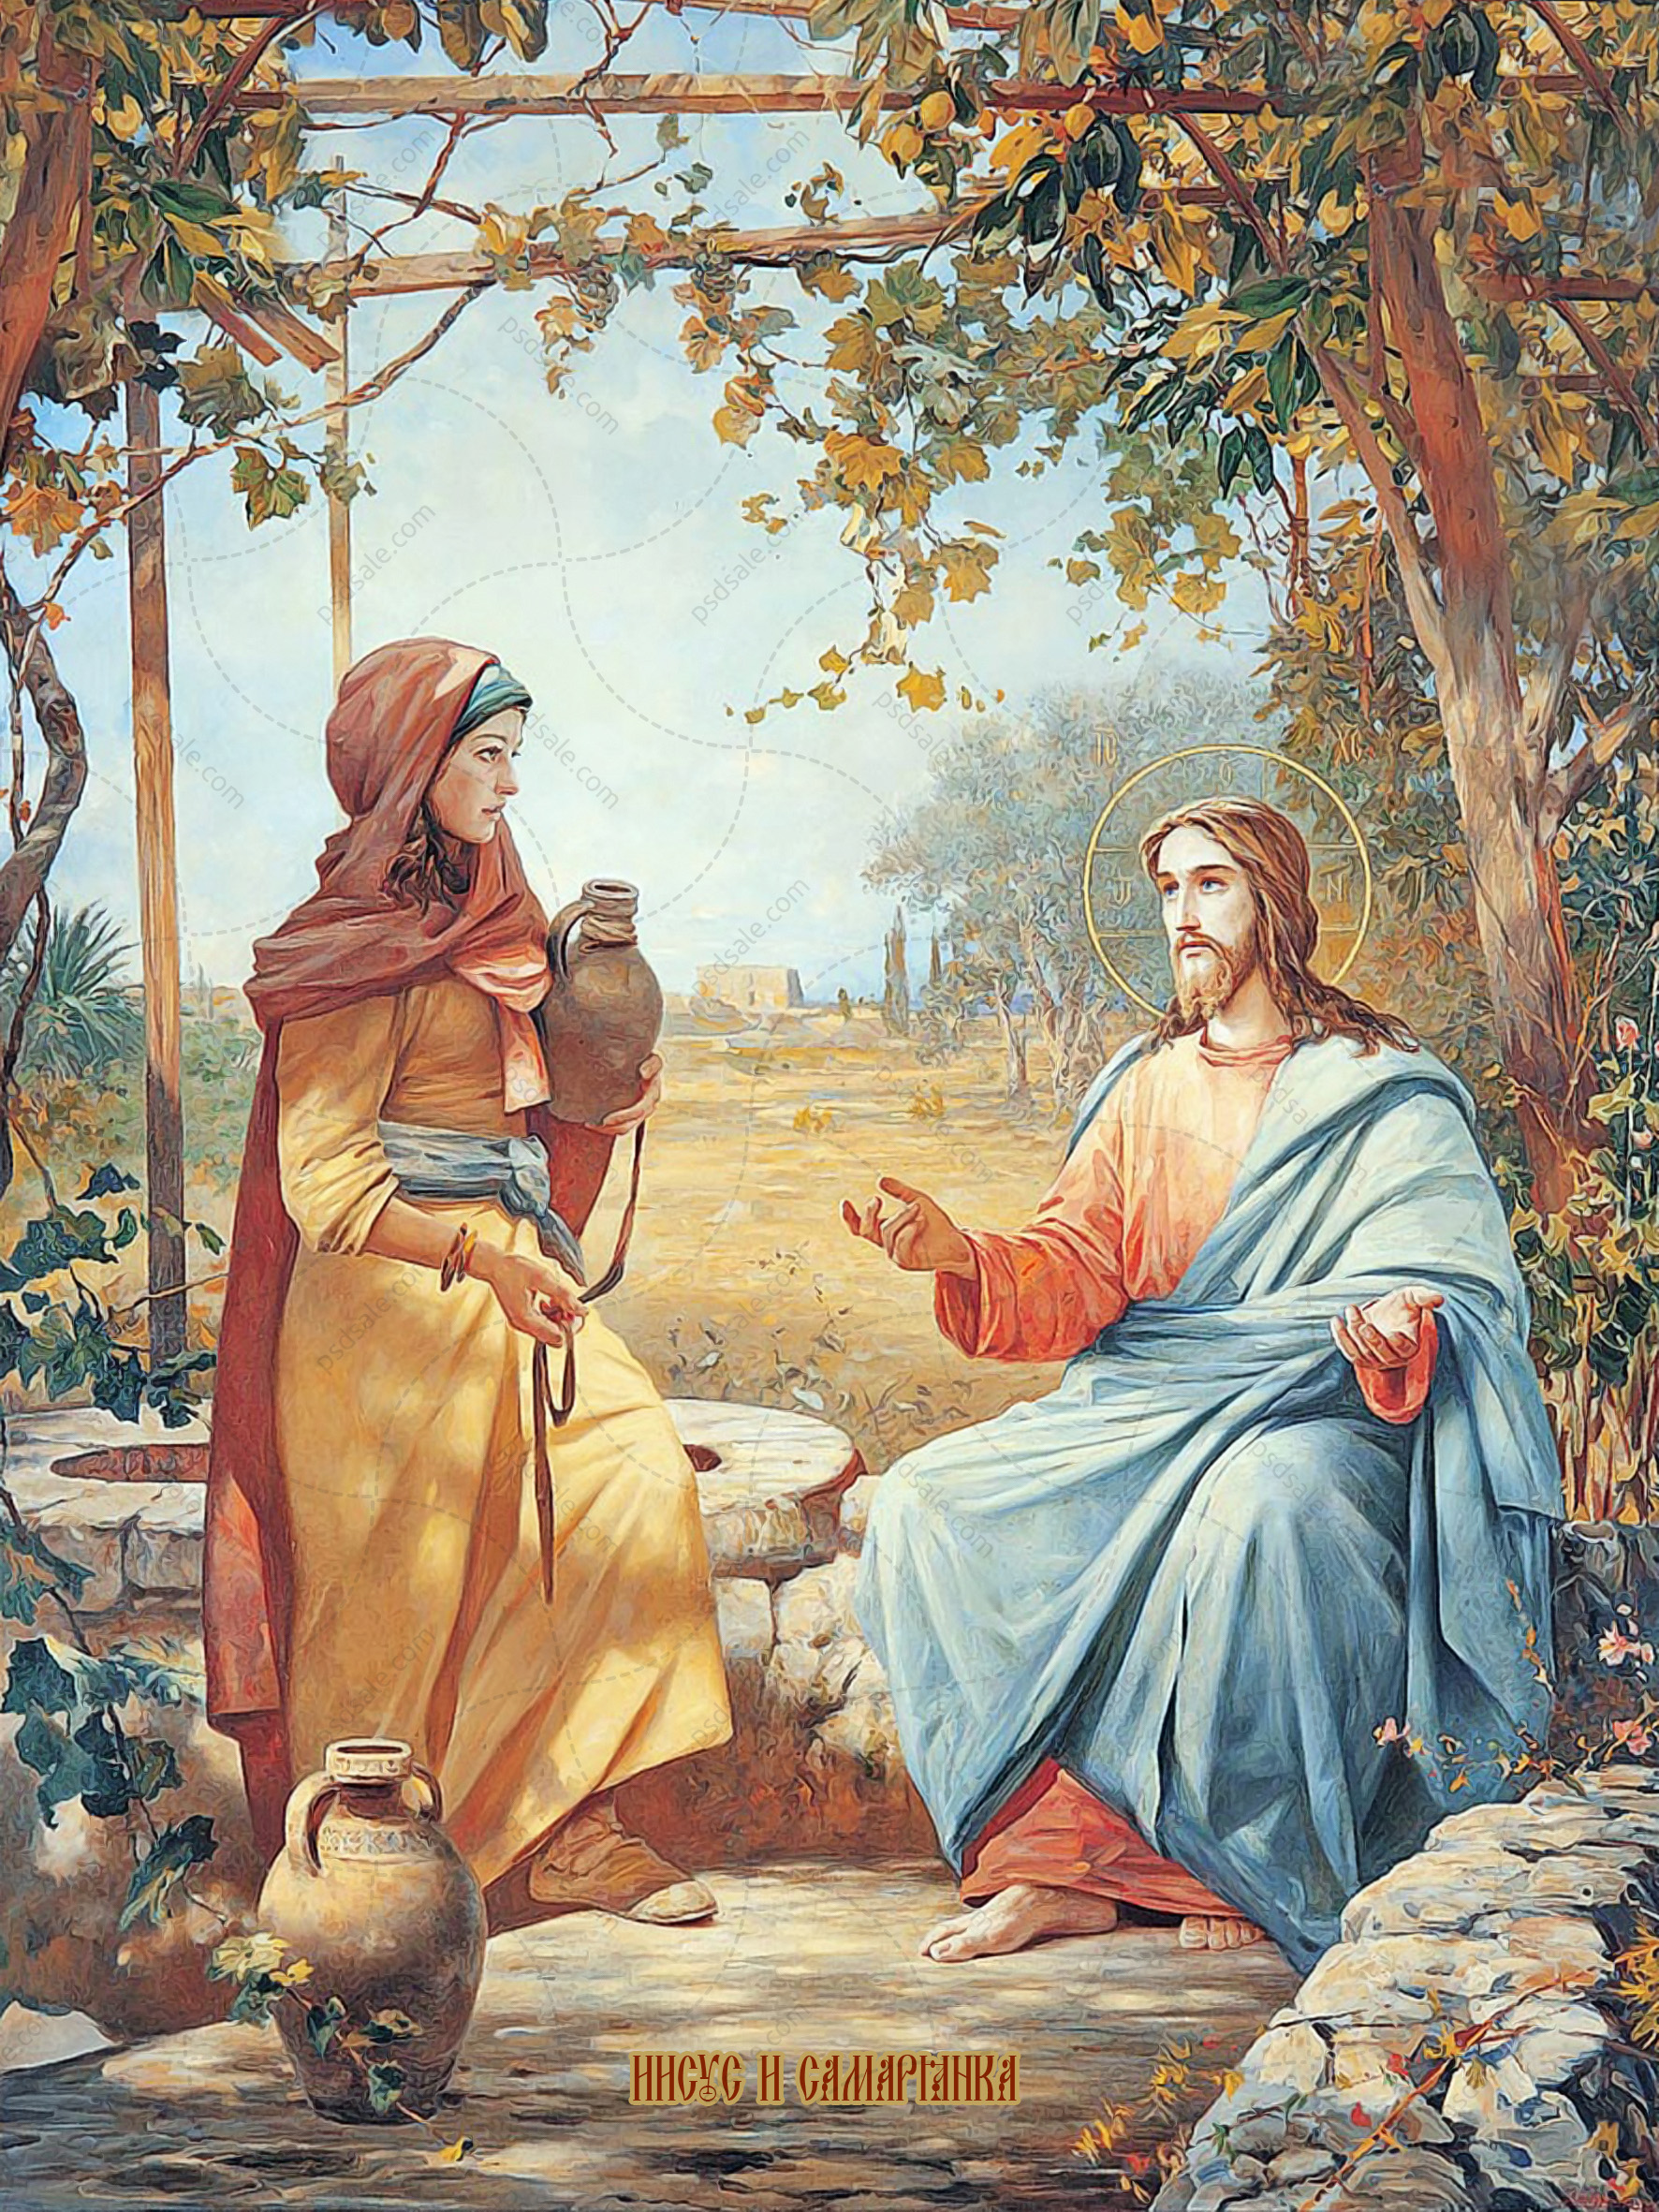 Иисус и самарянка